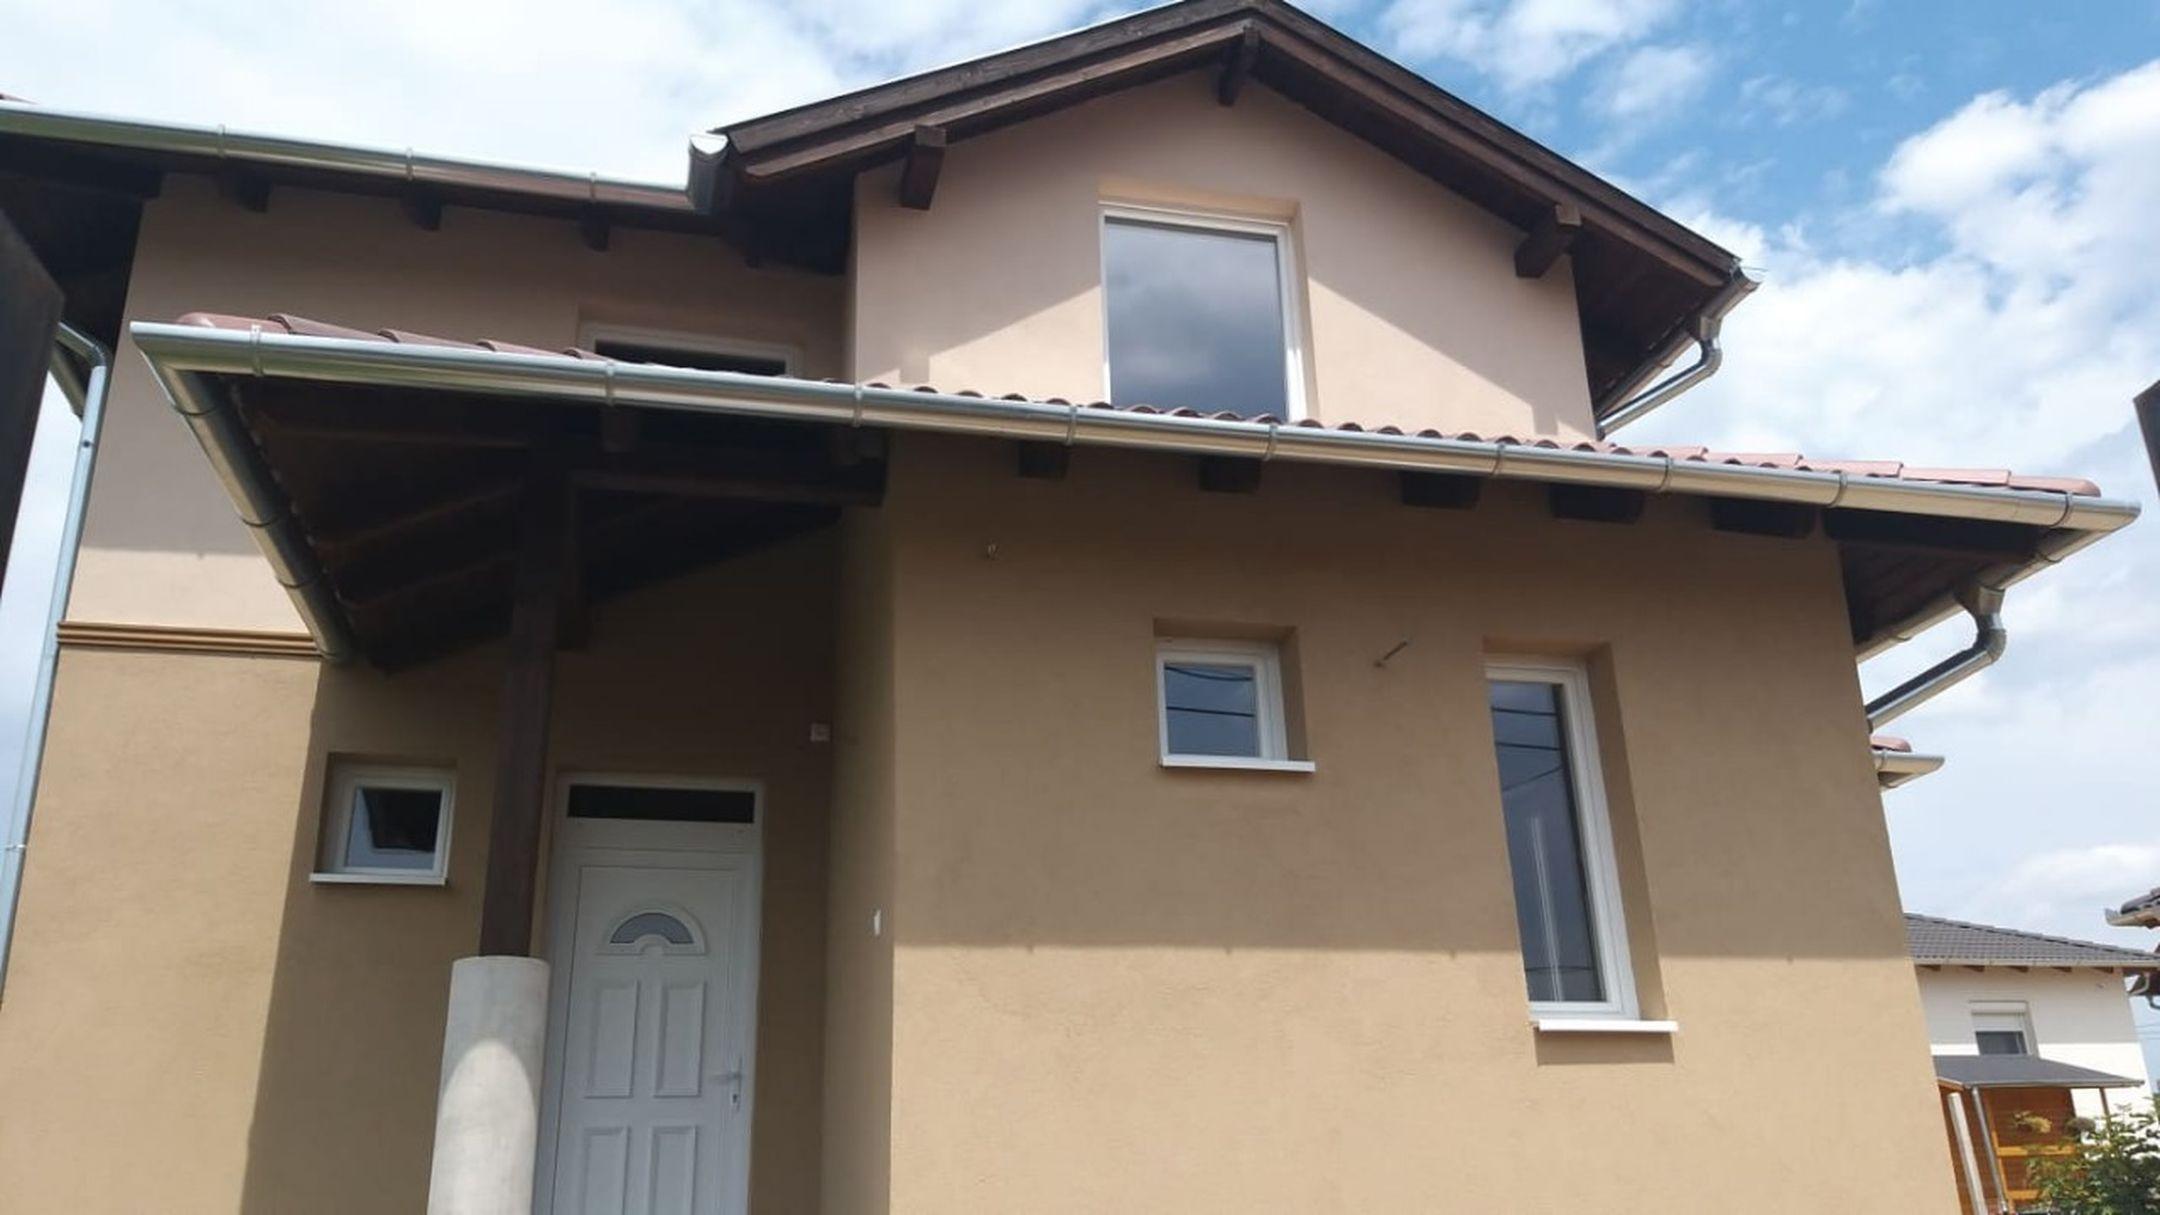 Ecser új építésű,lakóparki részén,nagyon kedvelt környezetben,új építésű,belső kétszintes családi ház eladó!